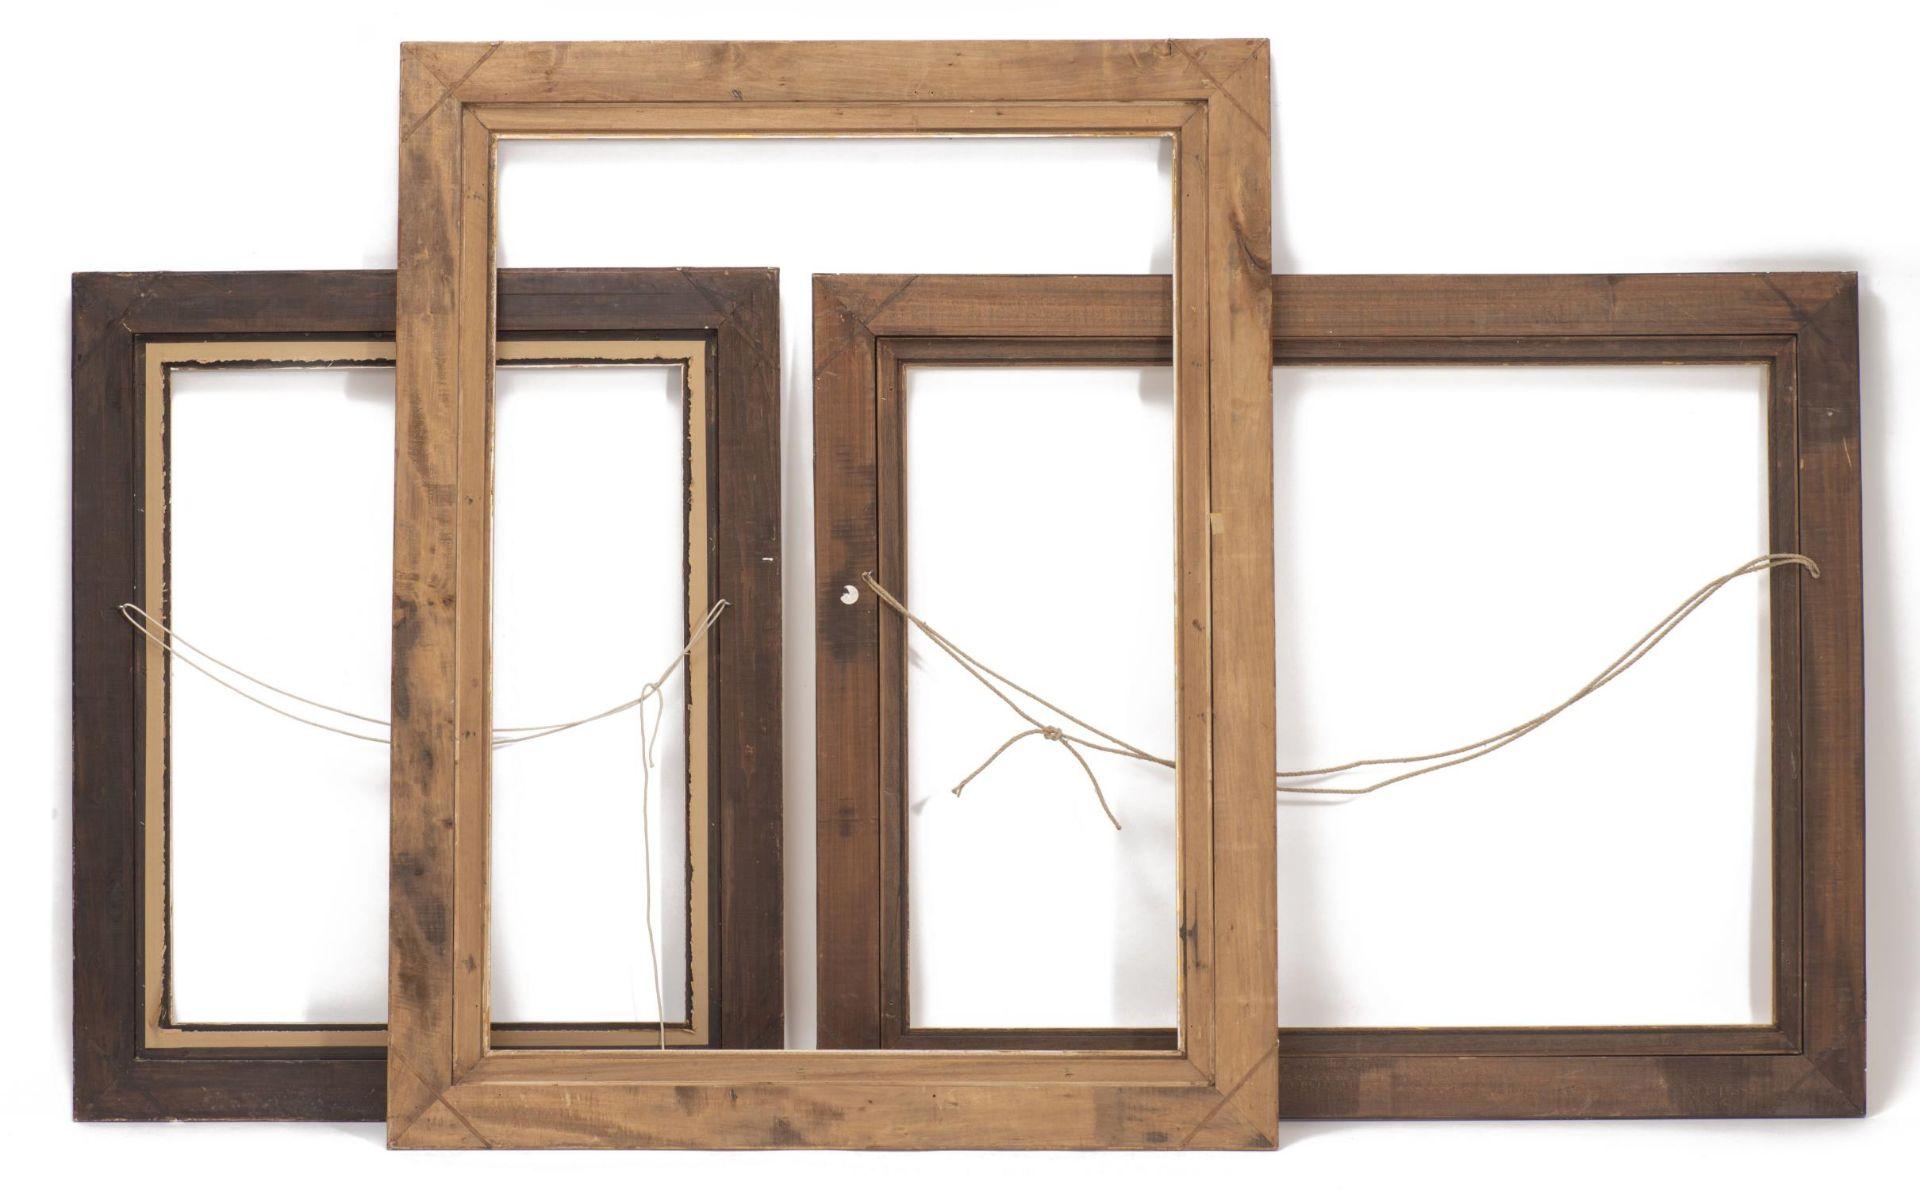 Ensemble de trois cadres en bois et stuc doré à décor de feuillages - Bild 3 aus 3